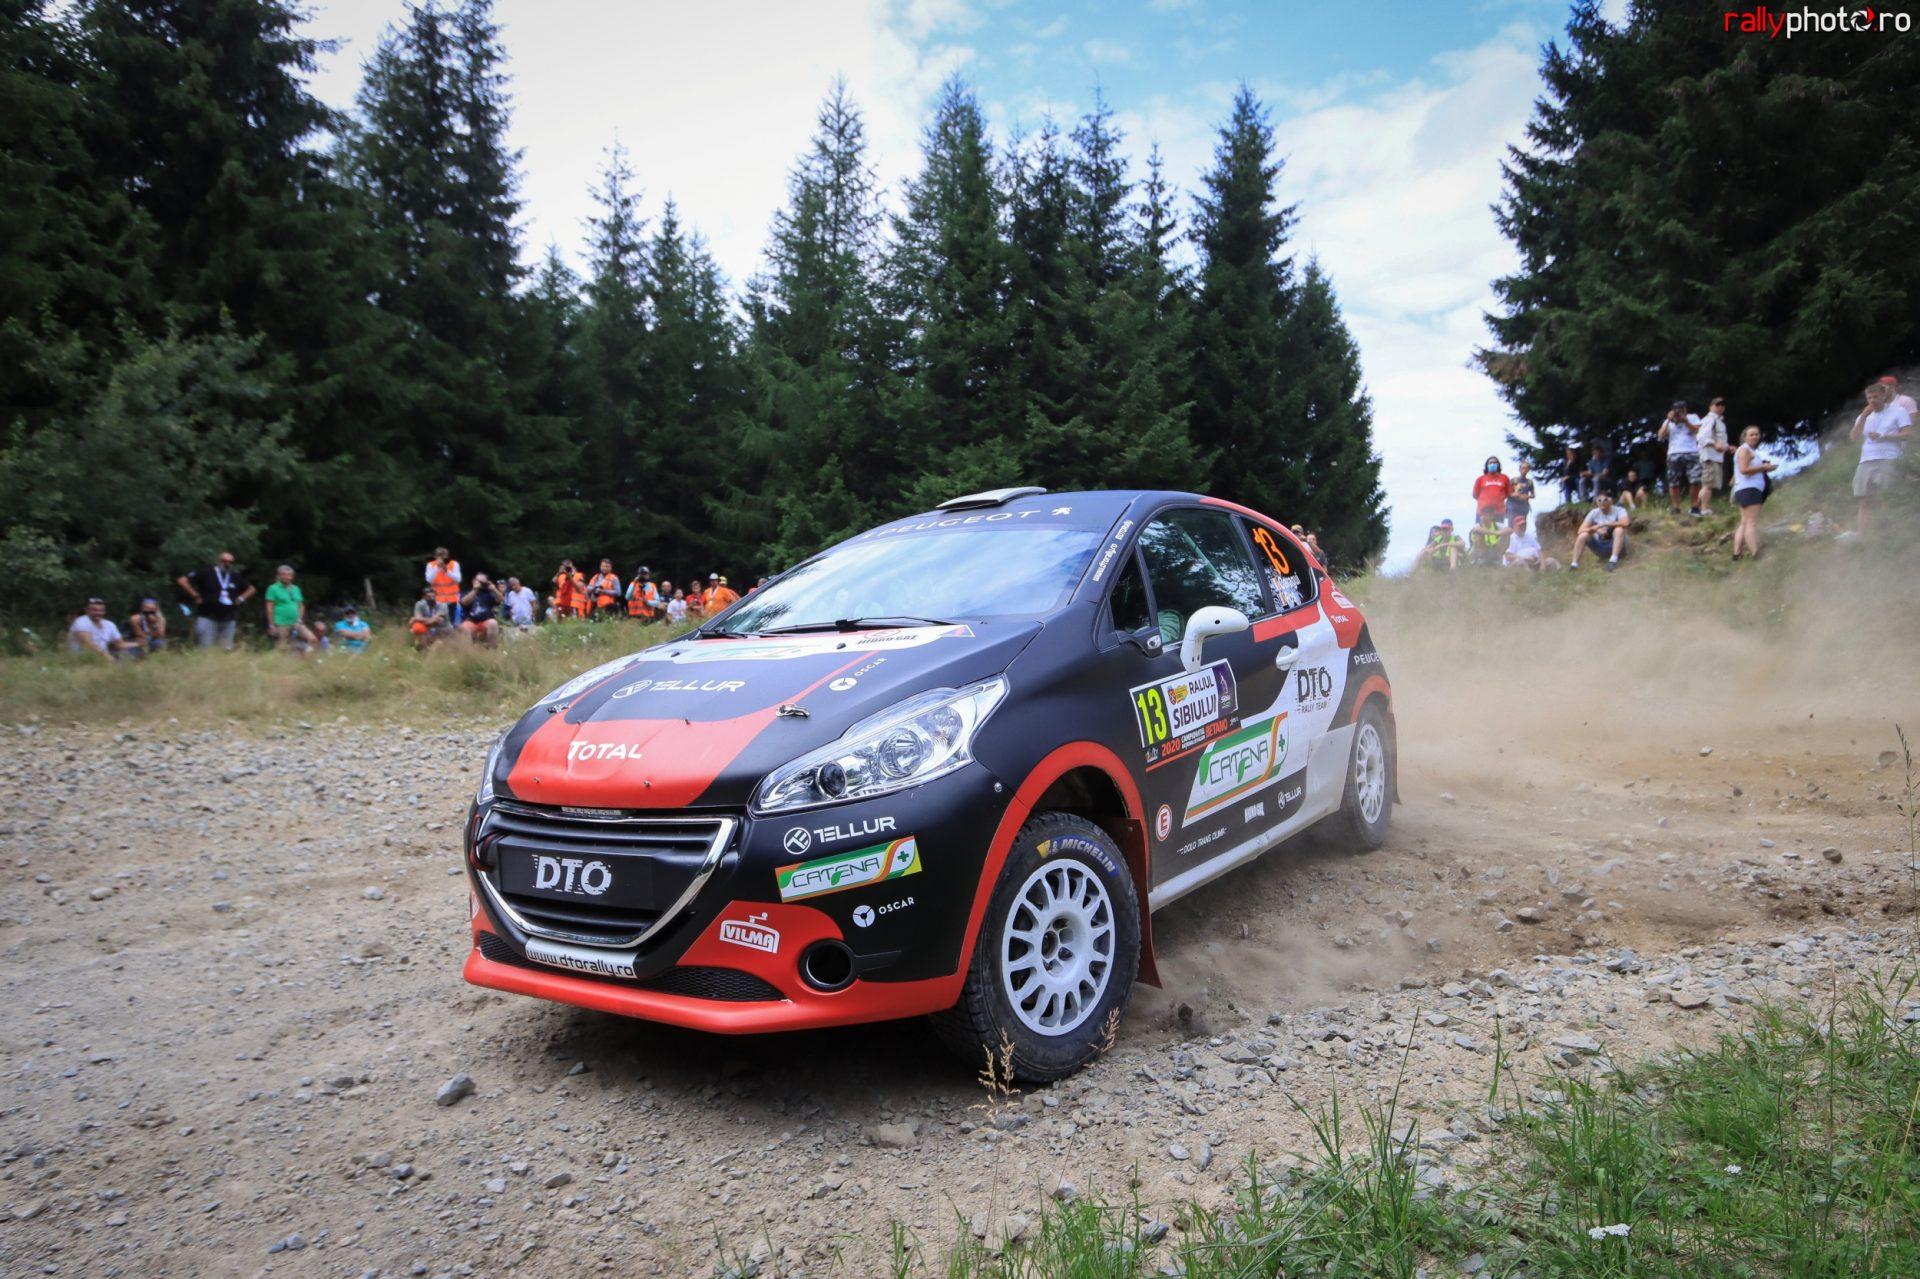 Podium pentru DTO Rally Team la revenirea Sibiului pe macadam